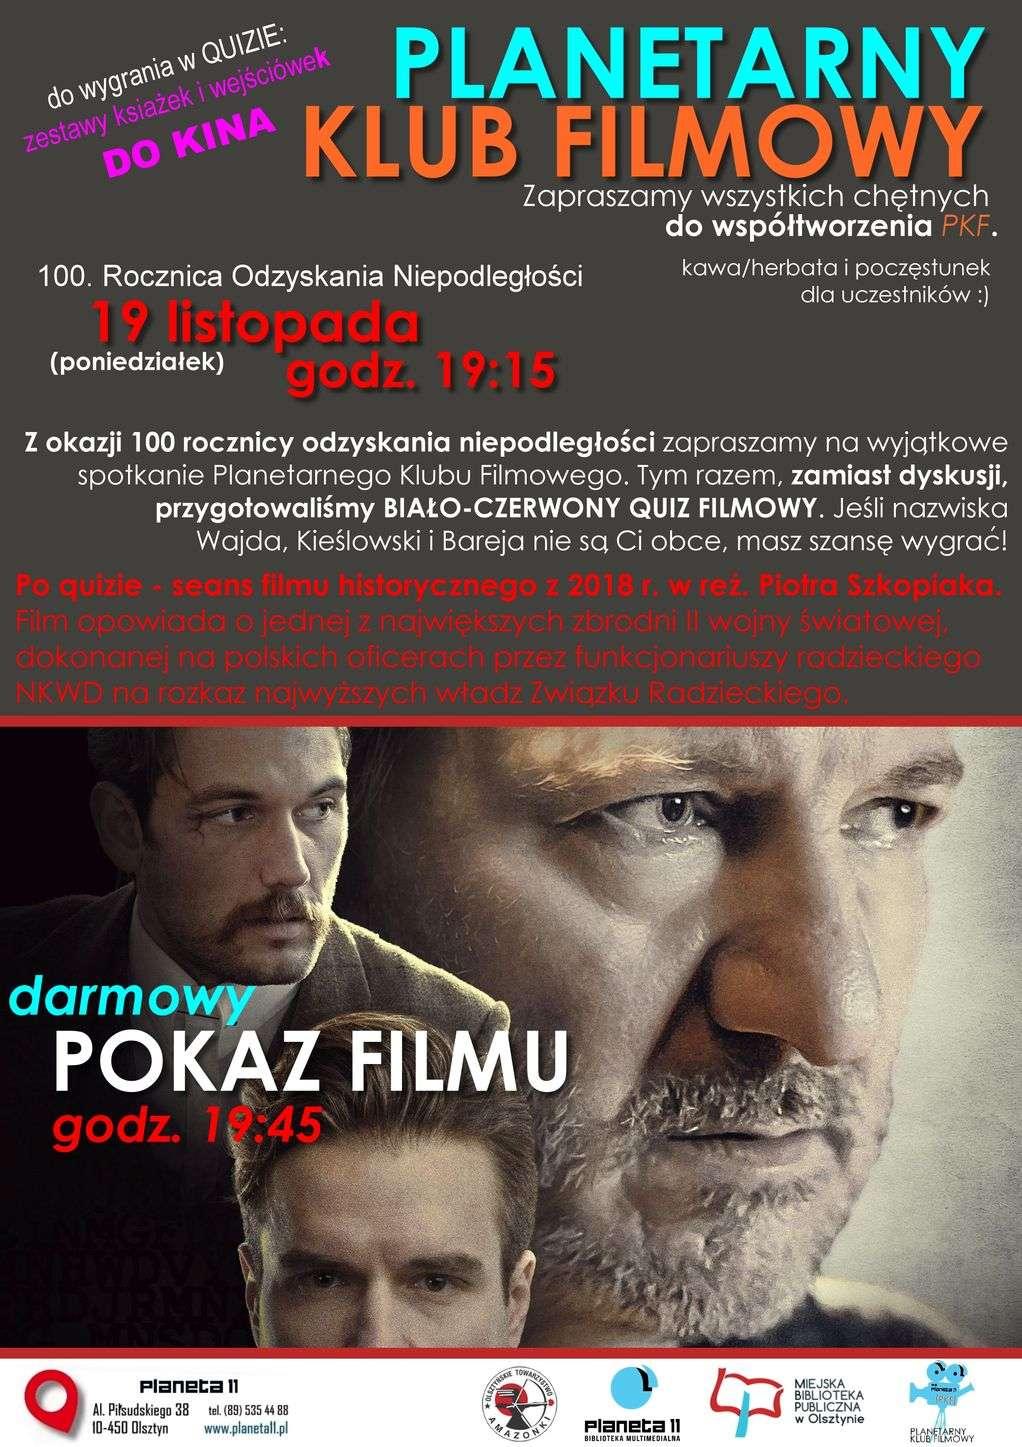 Biało-czerwony quiz filmowy i seans Planetarnego Klubu Filmowego - full image